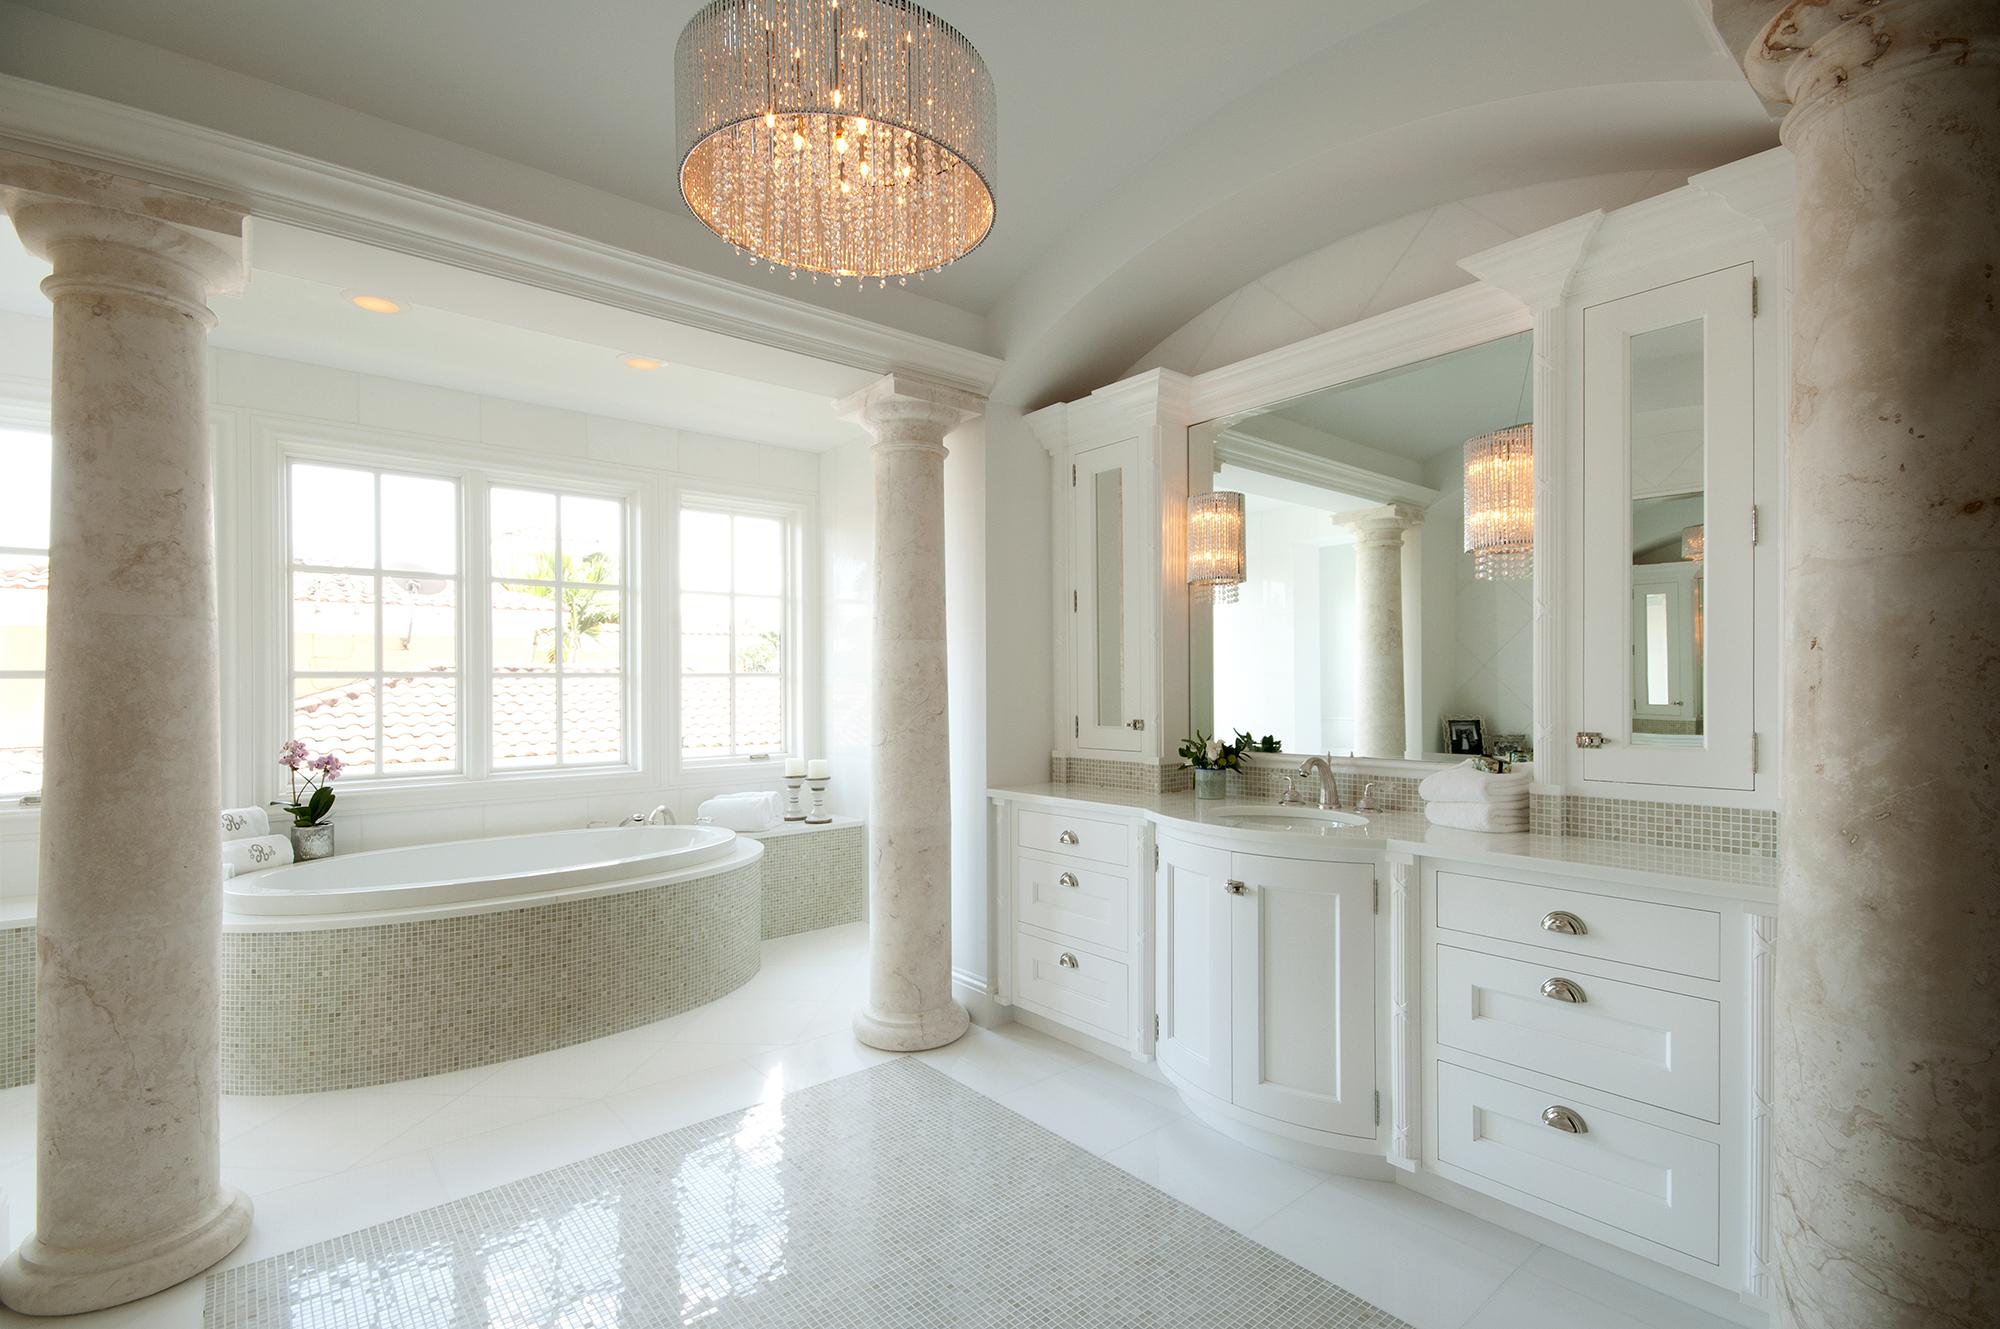 Круглая люстра в светлой ванной комнате